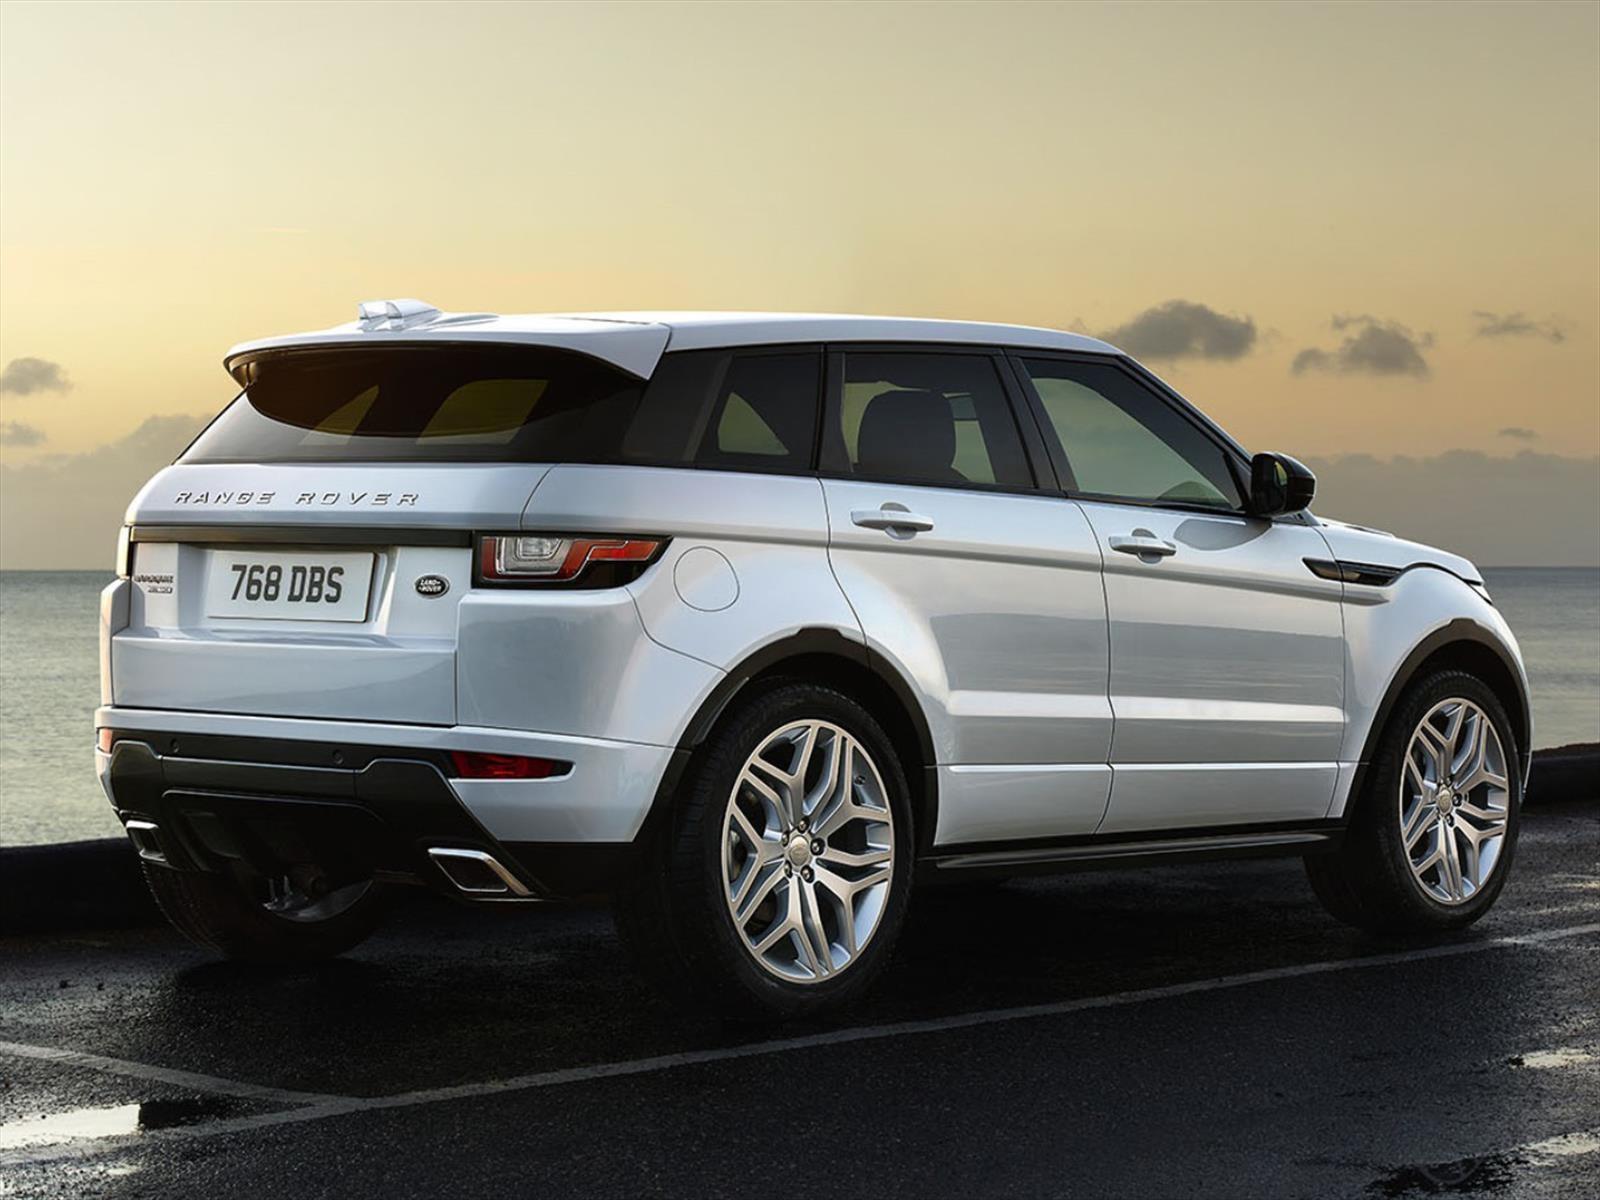 Así ha evolucionado la Range Rover a través de los años